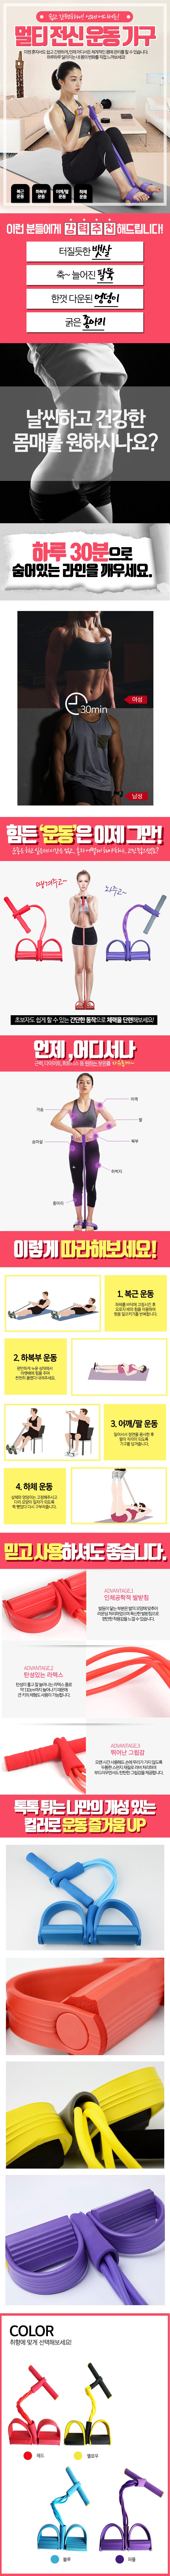 멀티 전신 운동기구 - 시크룩, 10,000원, 운동기구/소품, 운동기구